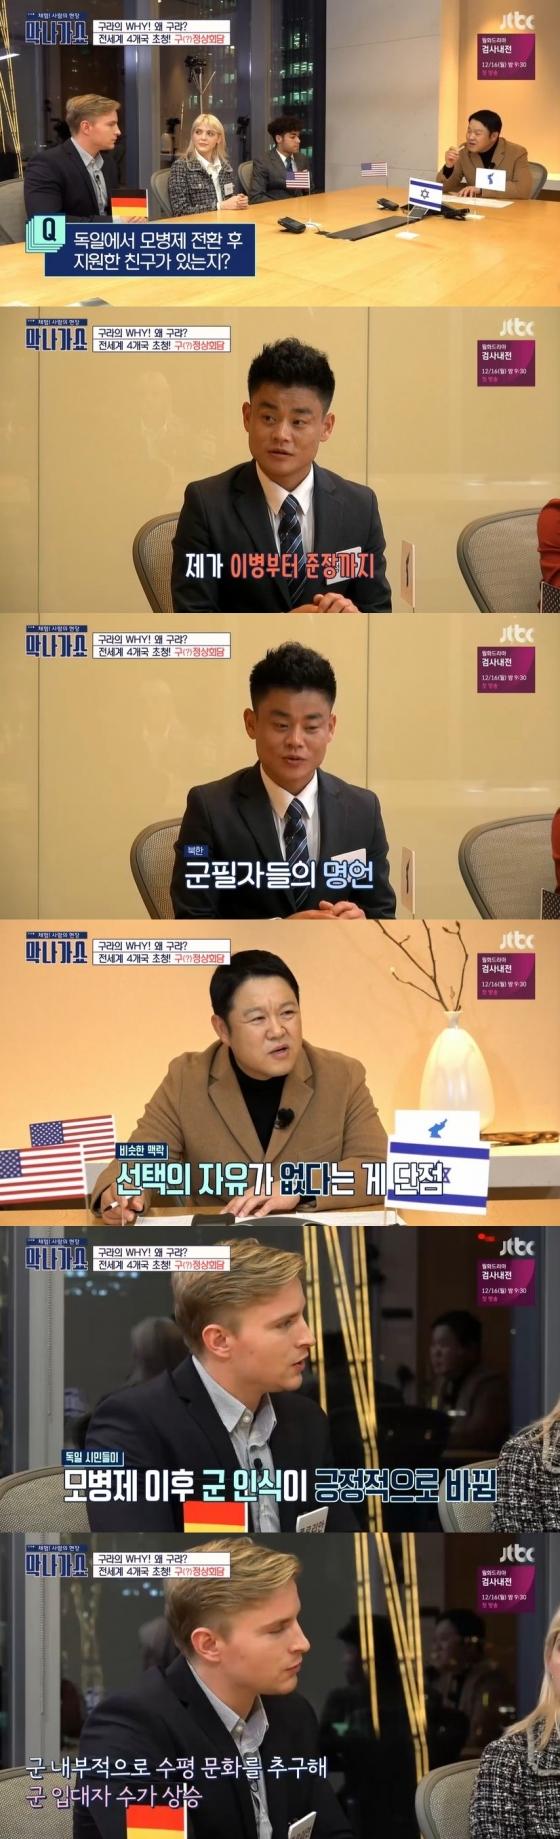 /사진=JTBC 예능 프로그램 '체험! 사람의 현장 '막나가쇼'' 캡처